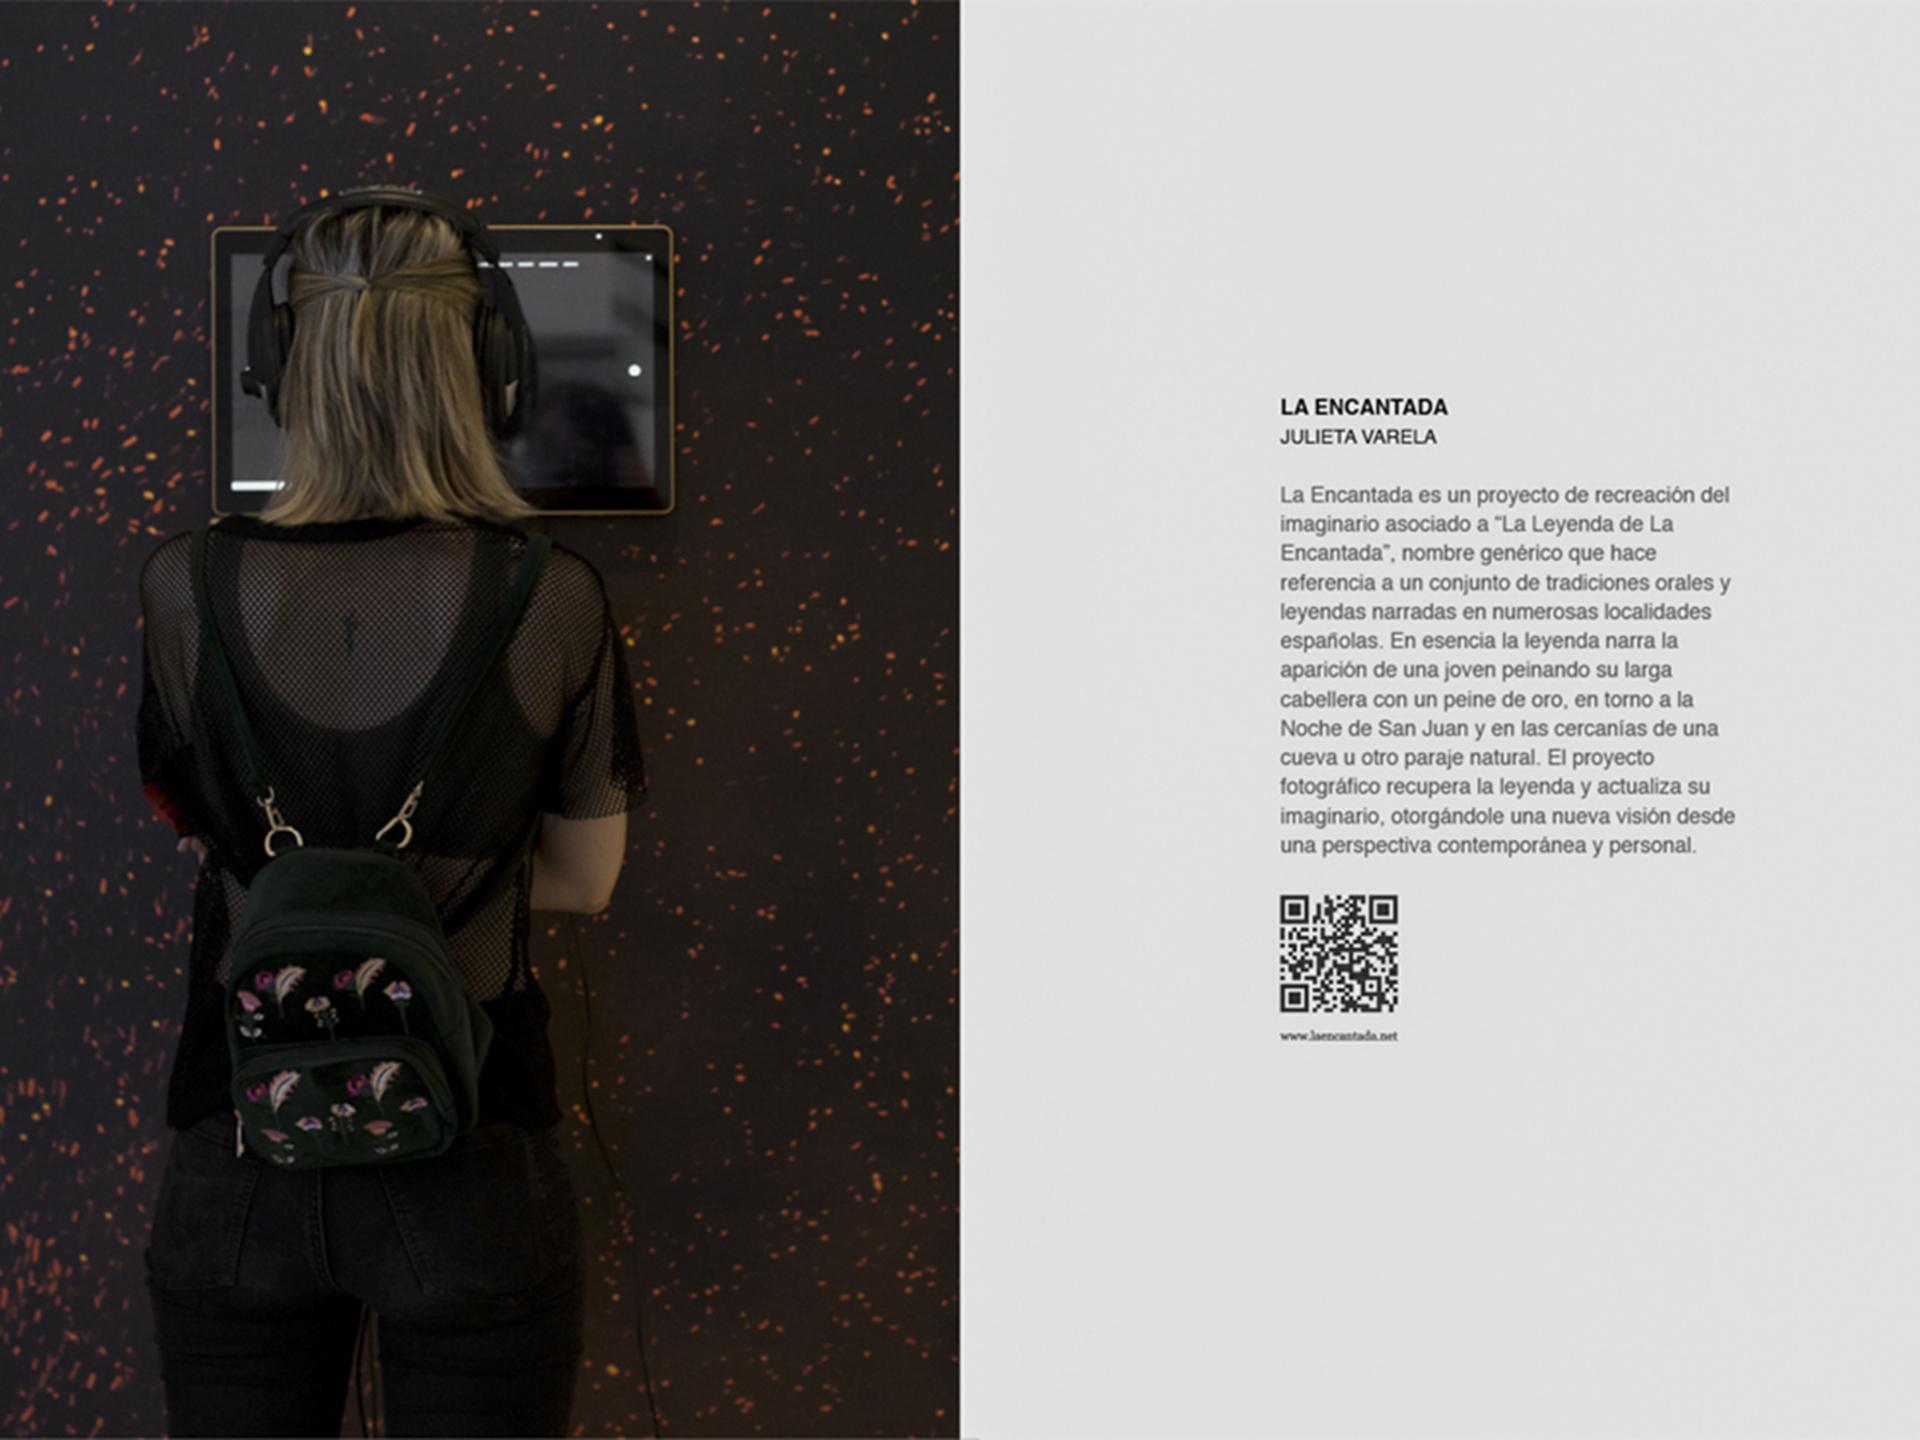 Vista instalación multimedia La Encantada, Sala expositiva The Showroom, Murcia, España, Junio 2018